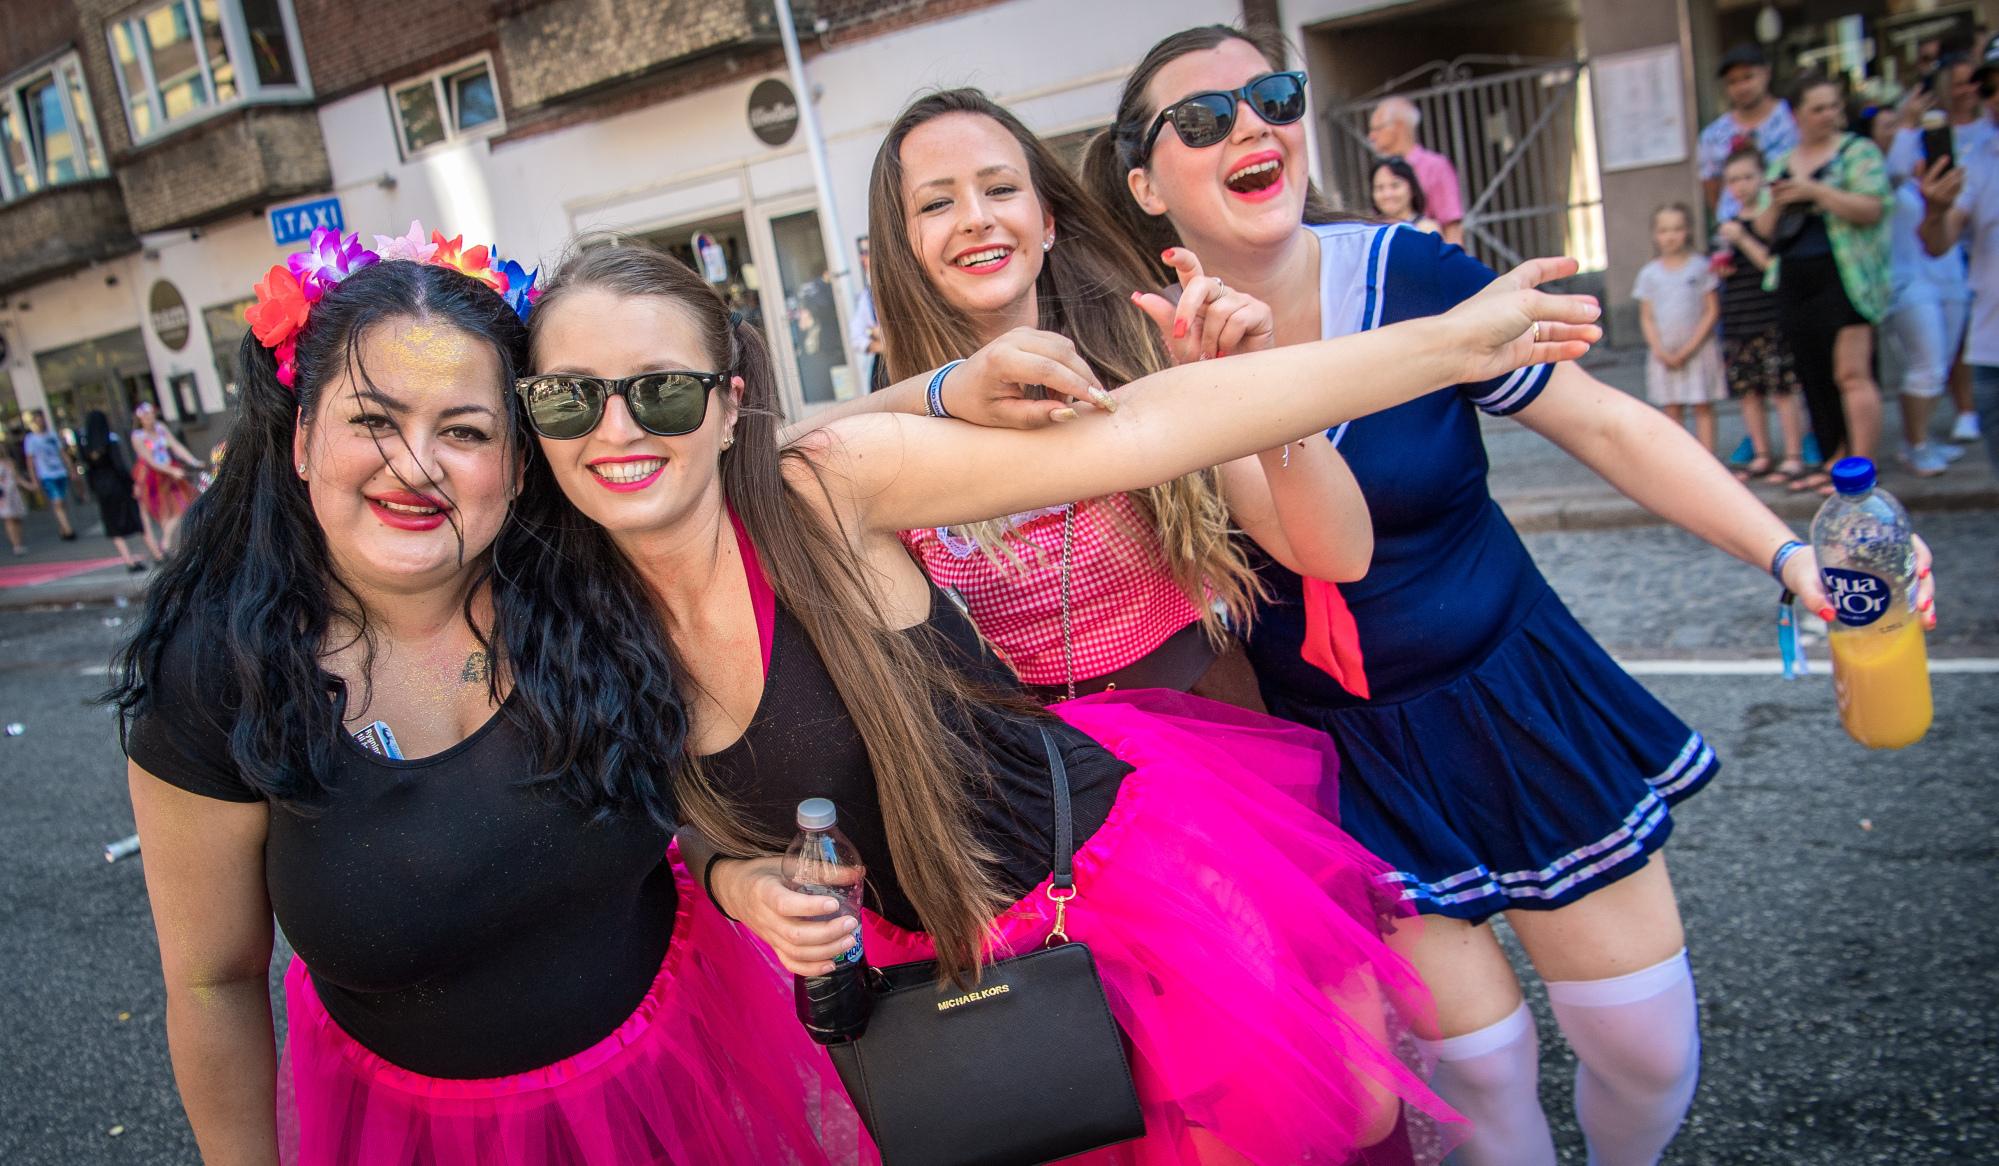 Sådan får du den fedeste karnevalsfest